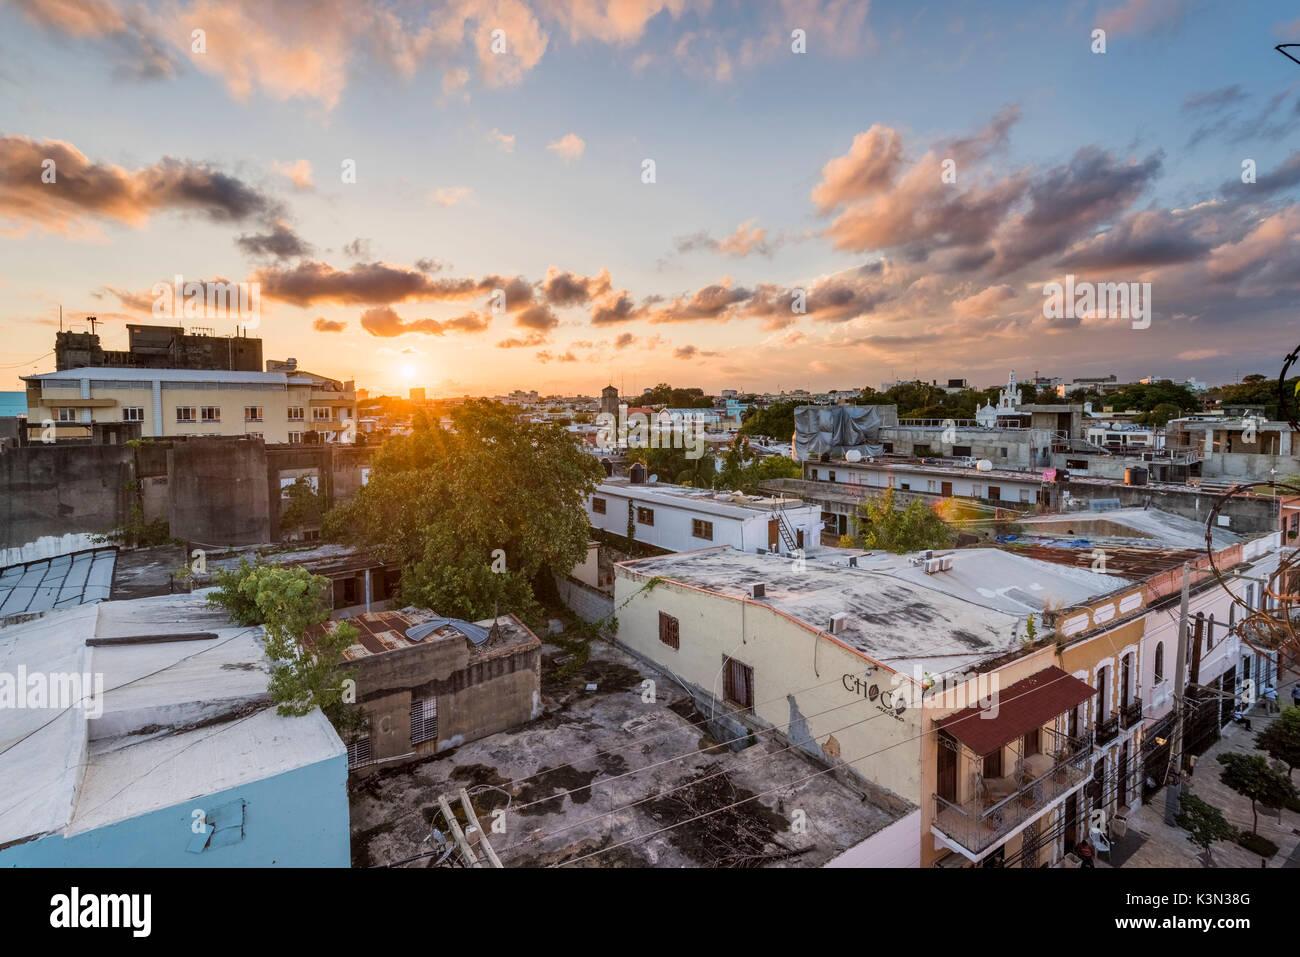 Il Colonial (Ciudad Colonial), Santo Domingo, Repubblica Dominicana. Paesaggio al tramonto. Immagini Stock